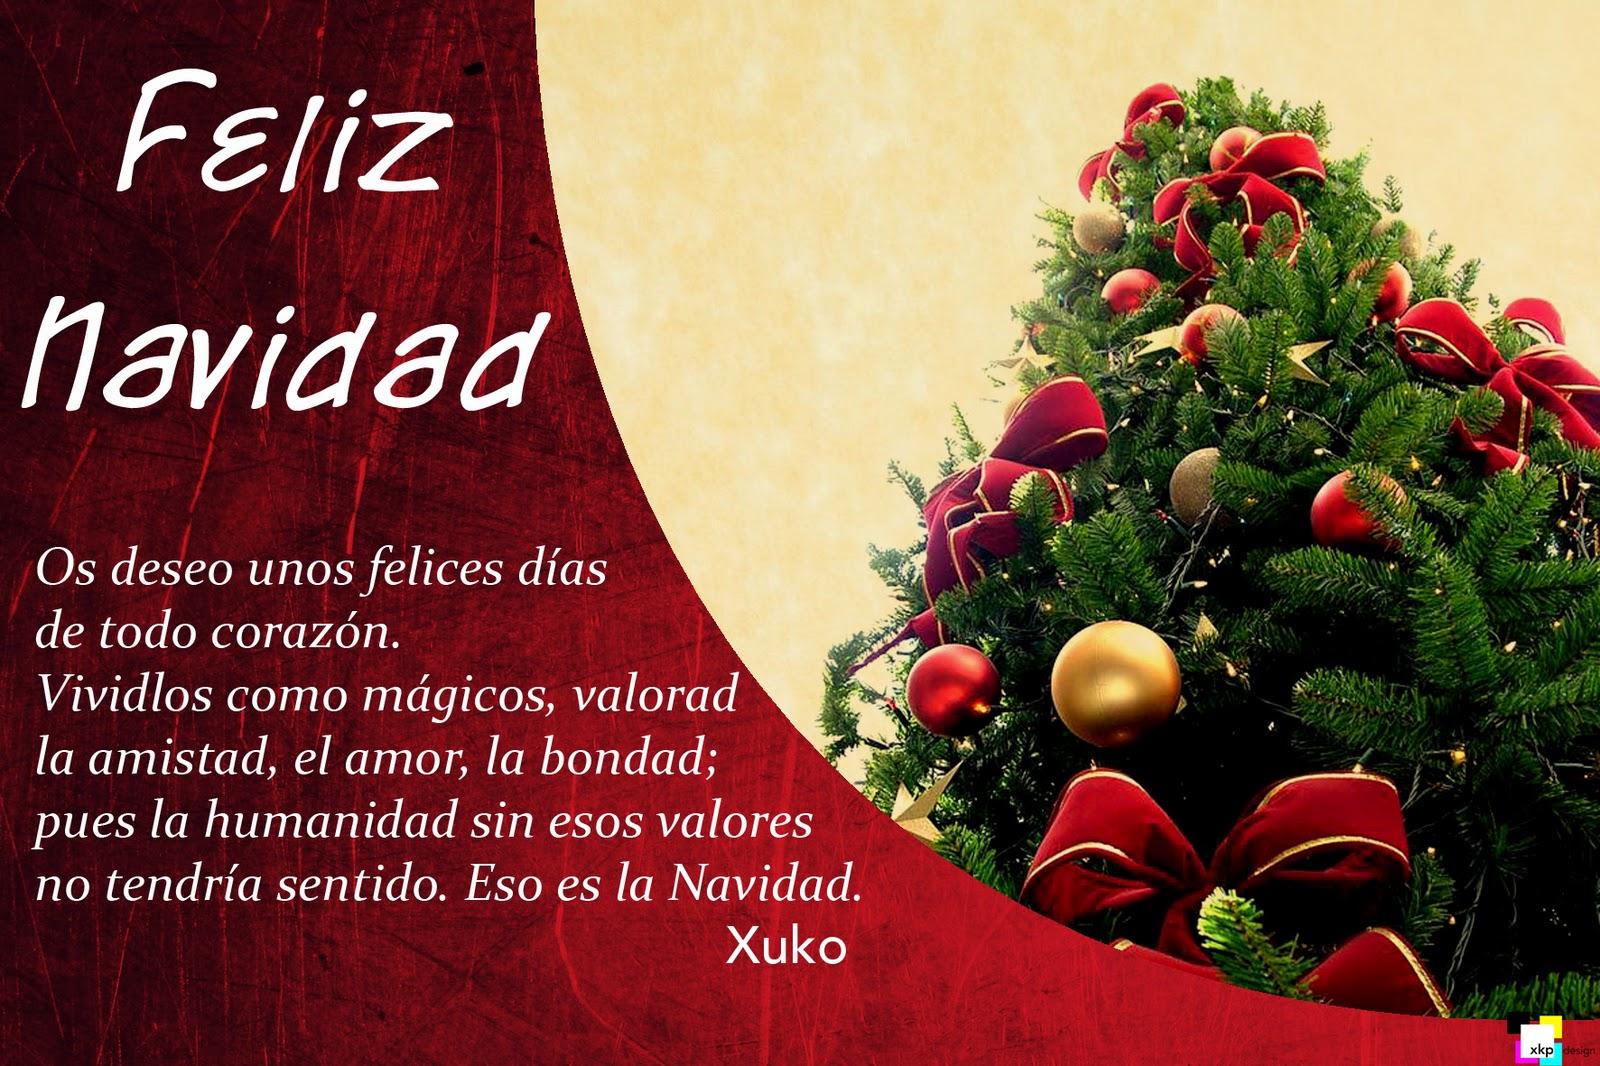 Bajar Felicitaciones De Navidad.Imagenes Navidenas Gratis Bajar